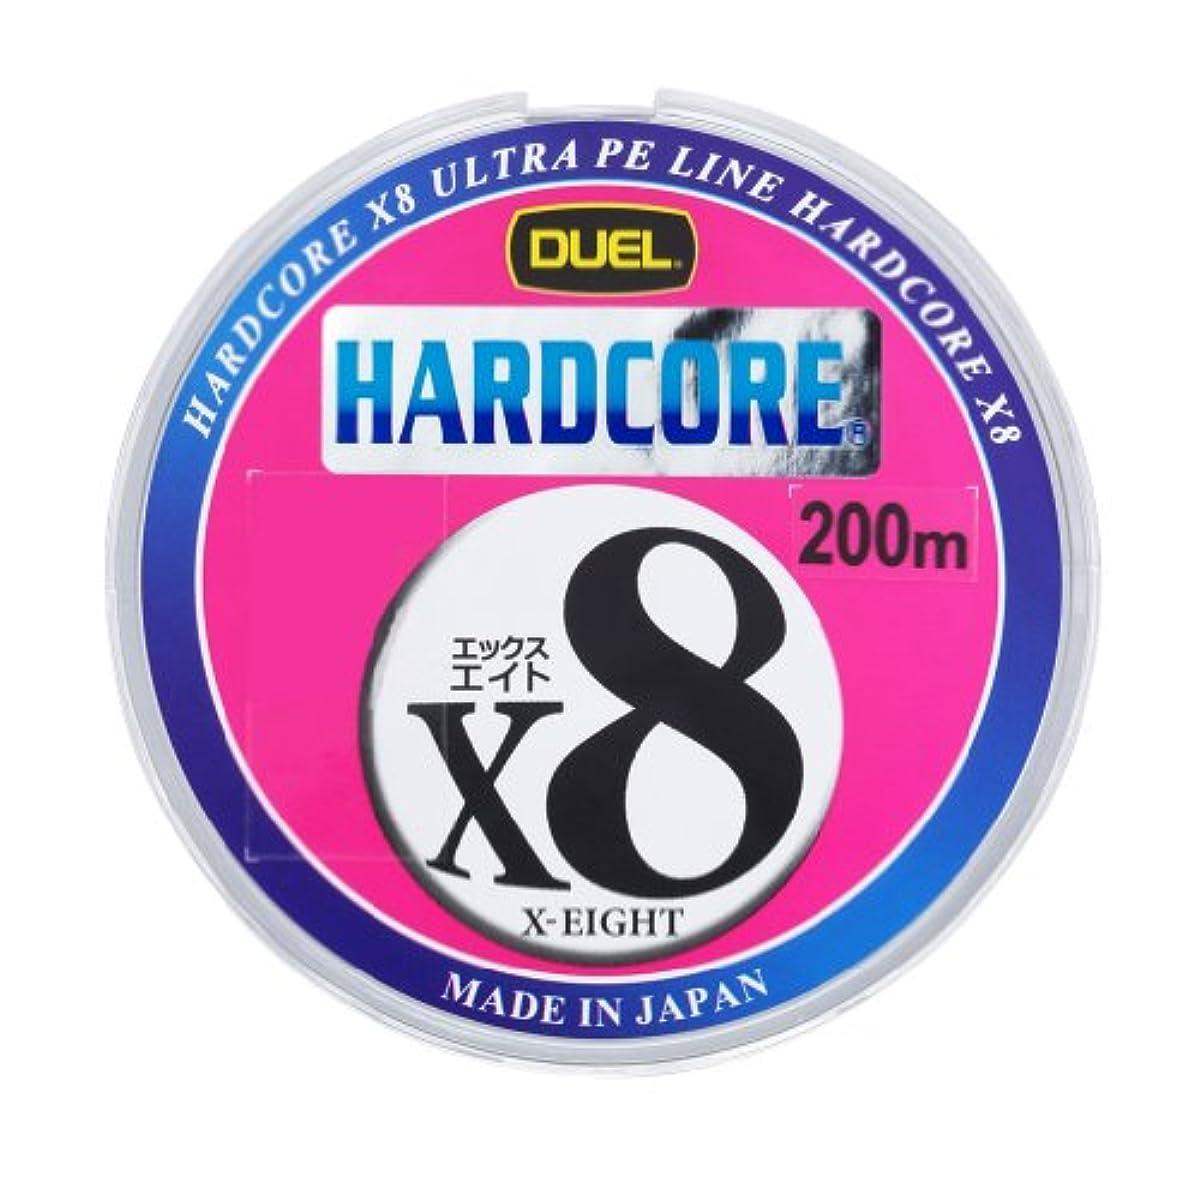 [해외] 듀엘 PE라인 하드 코어 X8 200M 마킹 시스템